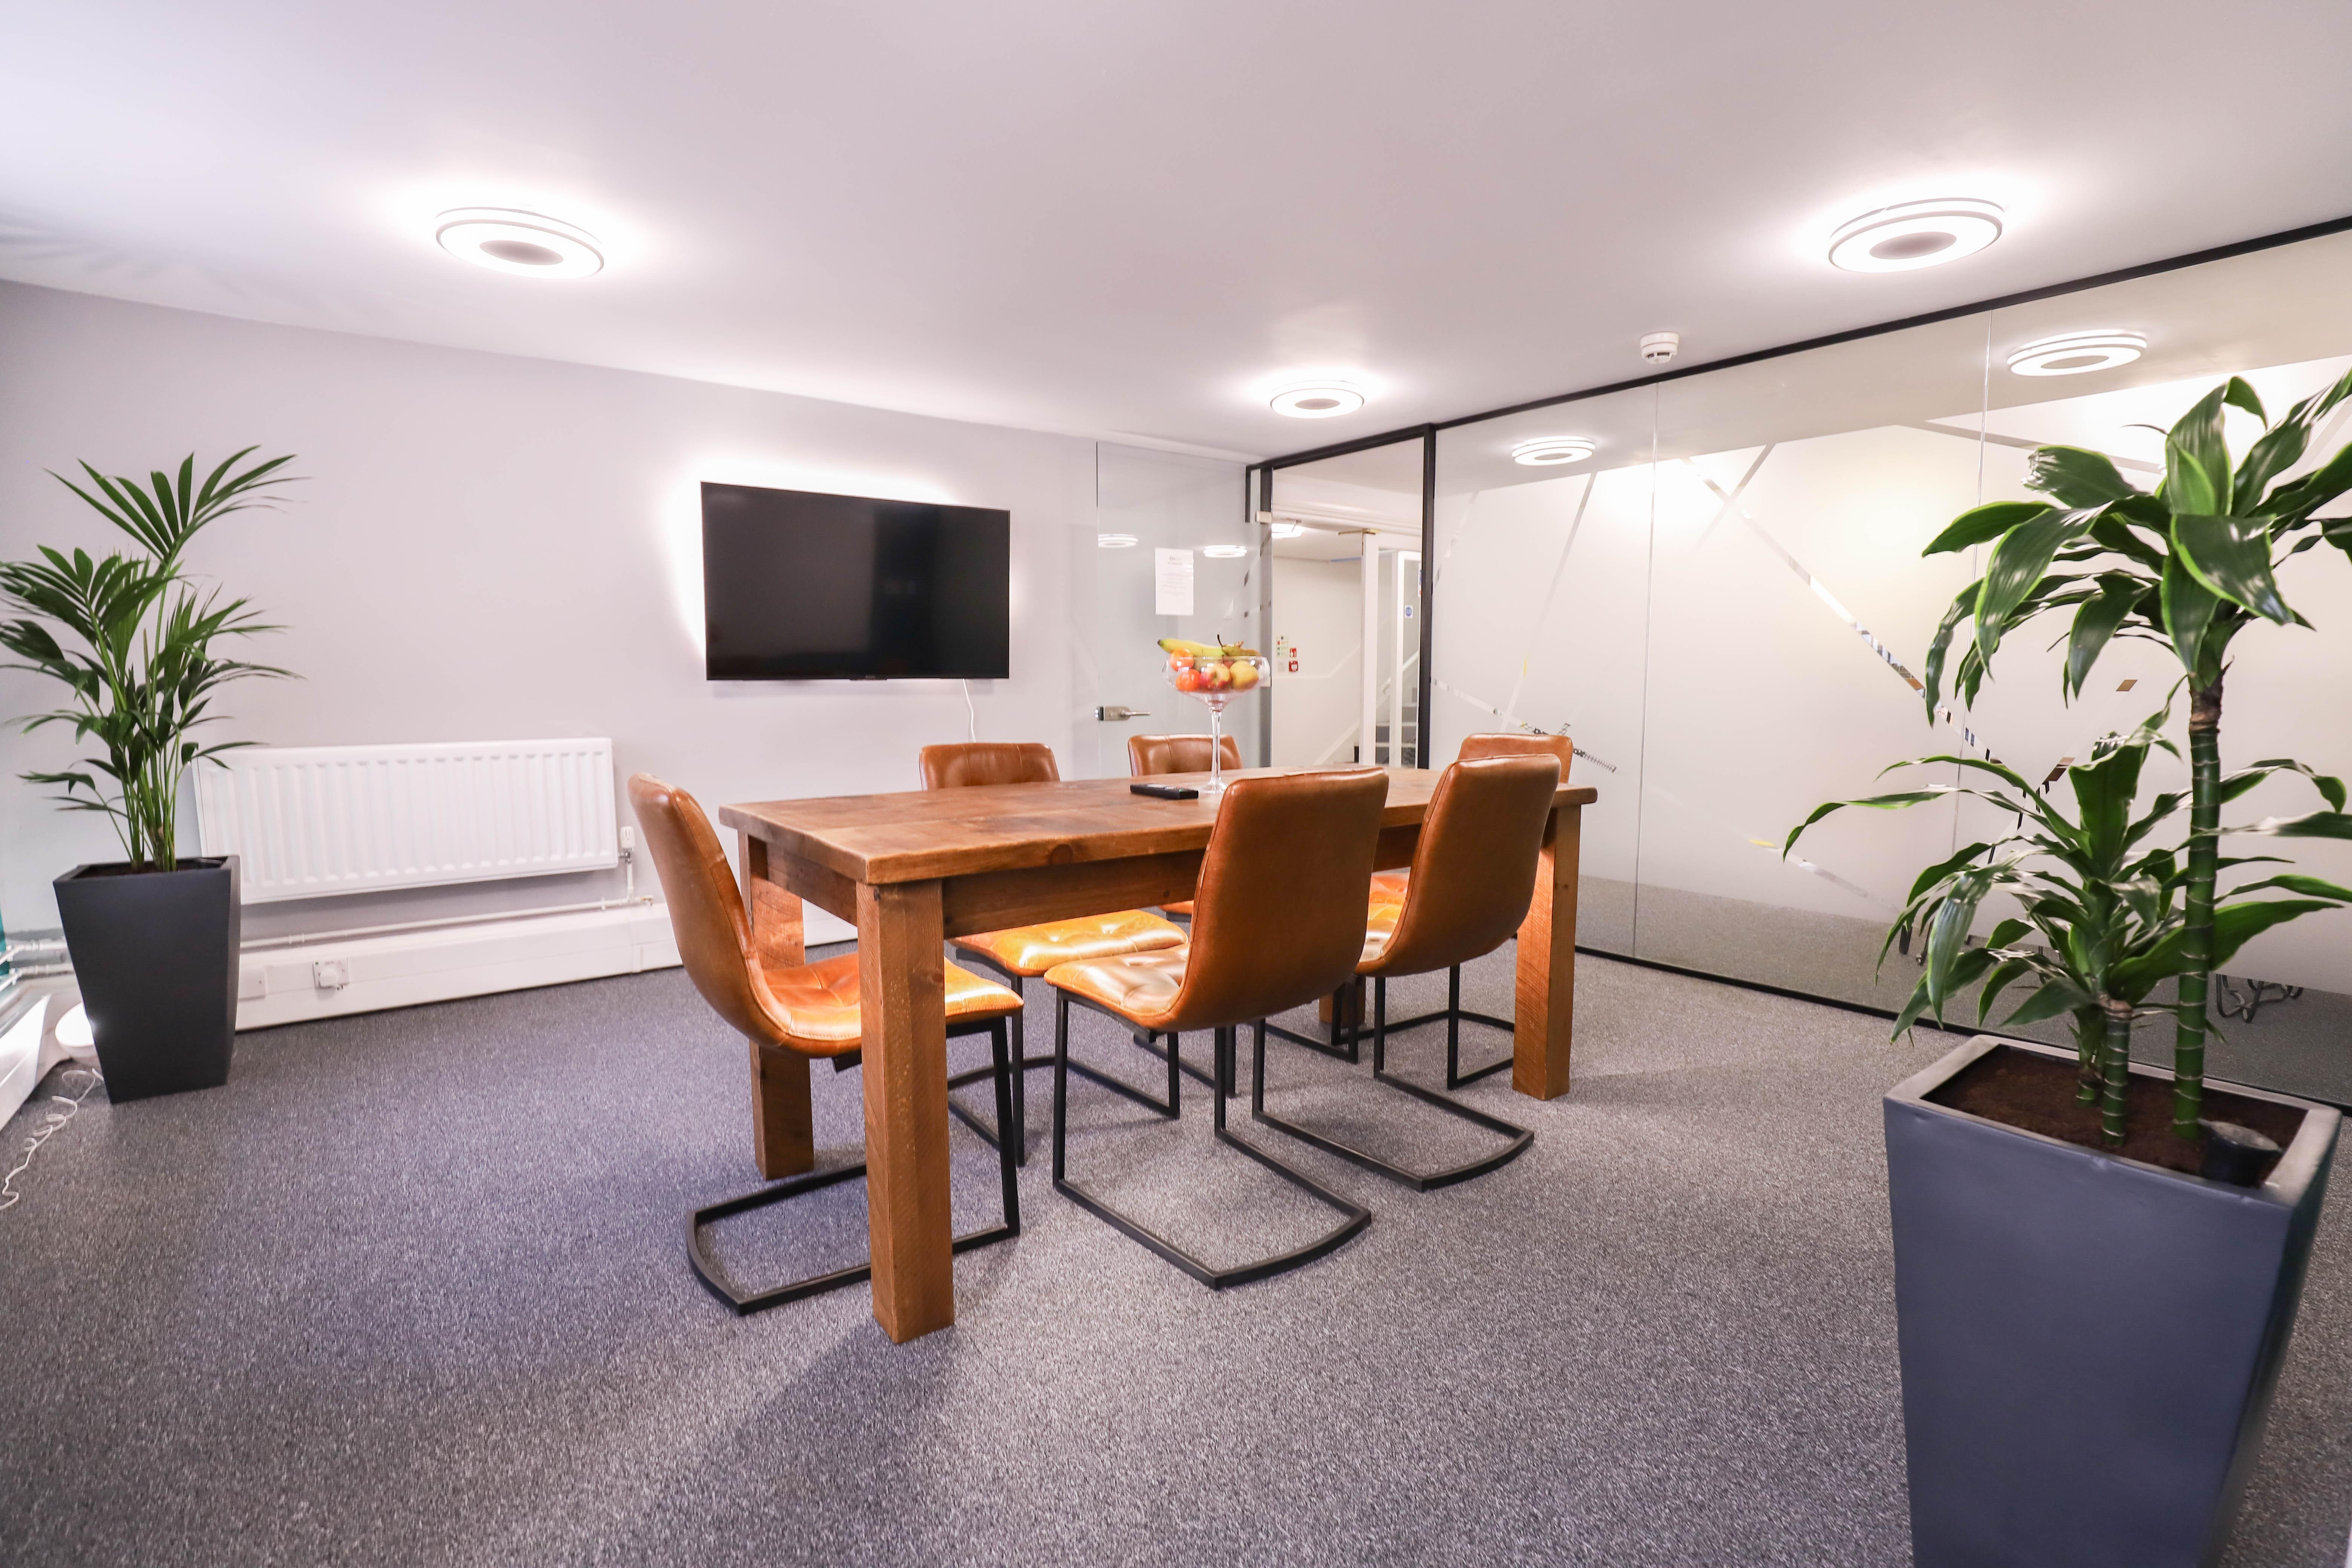 GLFifty board room